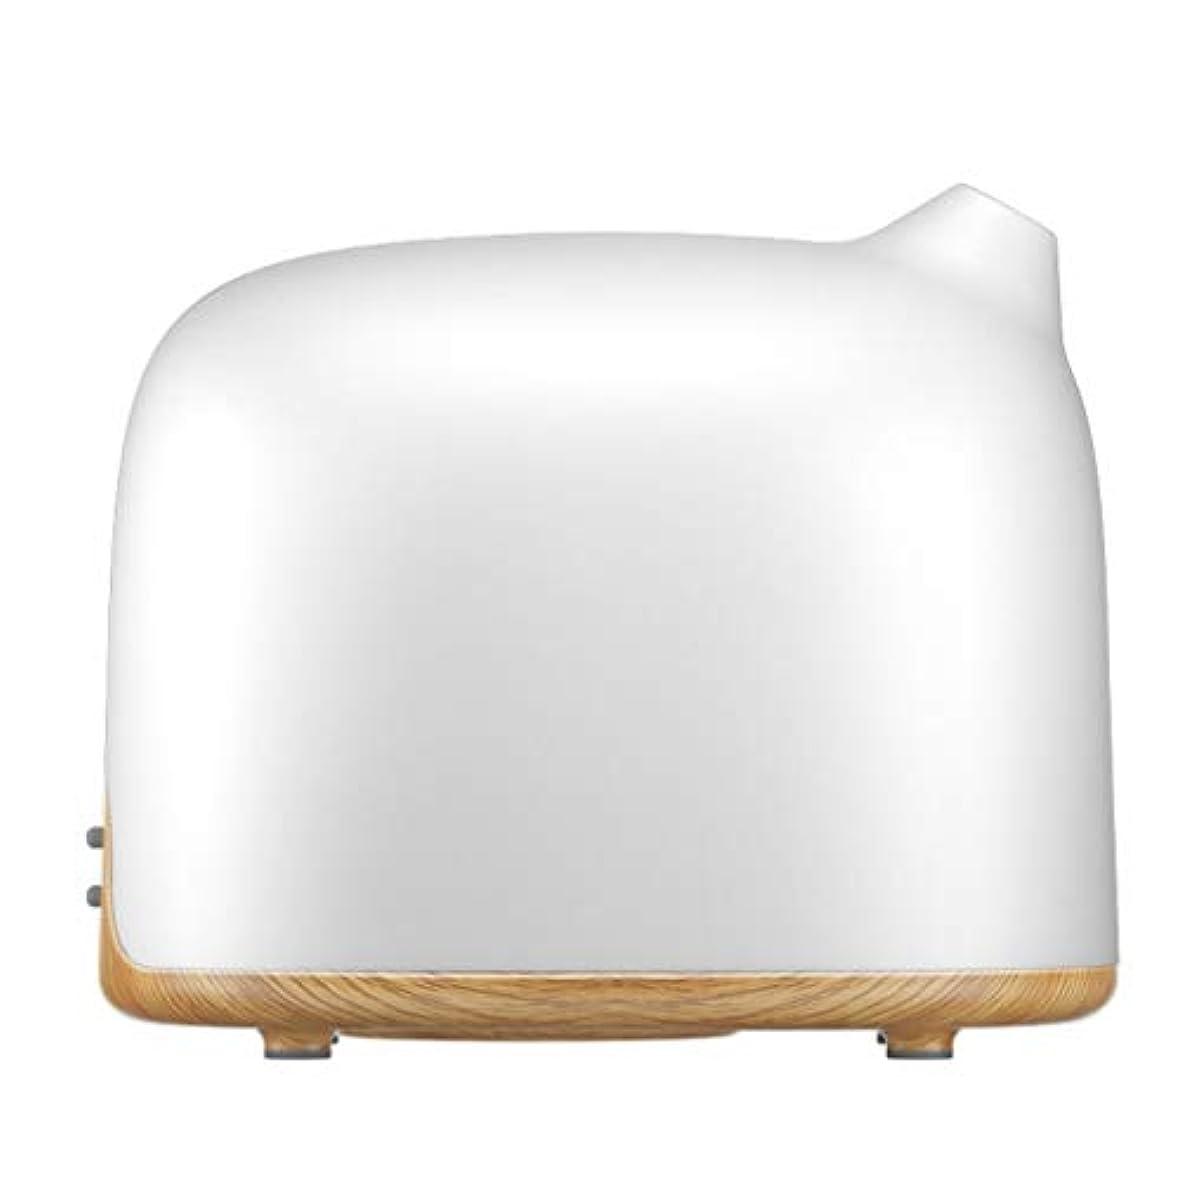 アンプシャット回想空気加湿器ホームサイレント寝室妊娠中の女性ベビーエアフォグ大容量ディフューザー (Color : Natural)